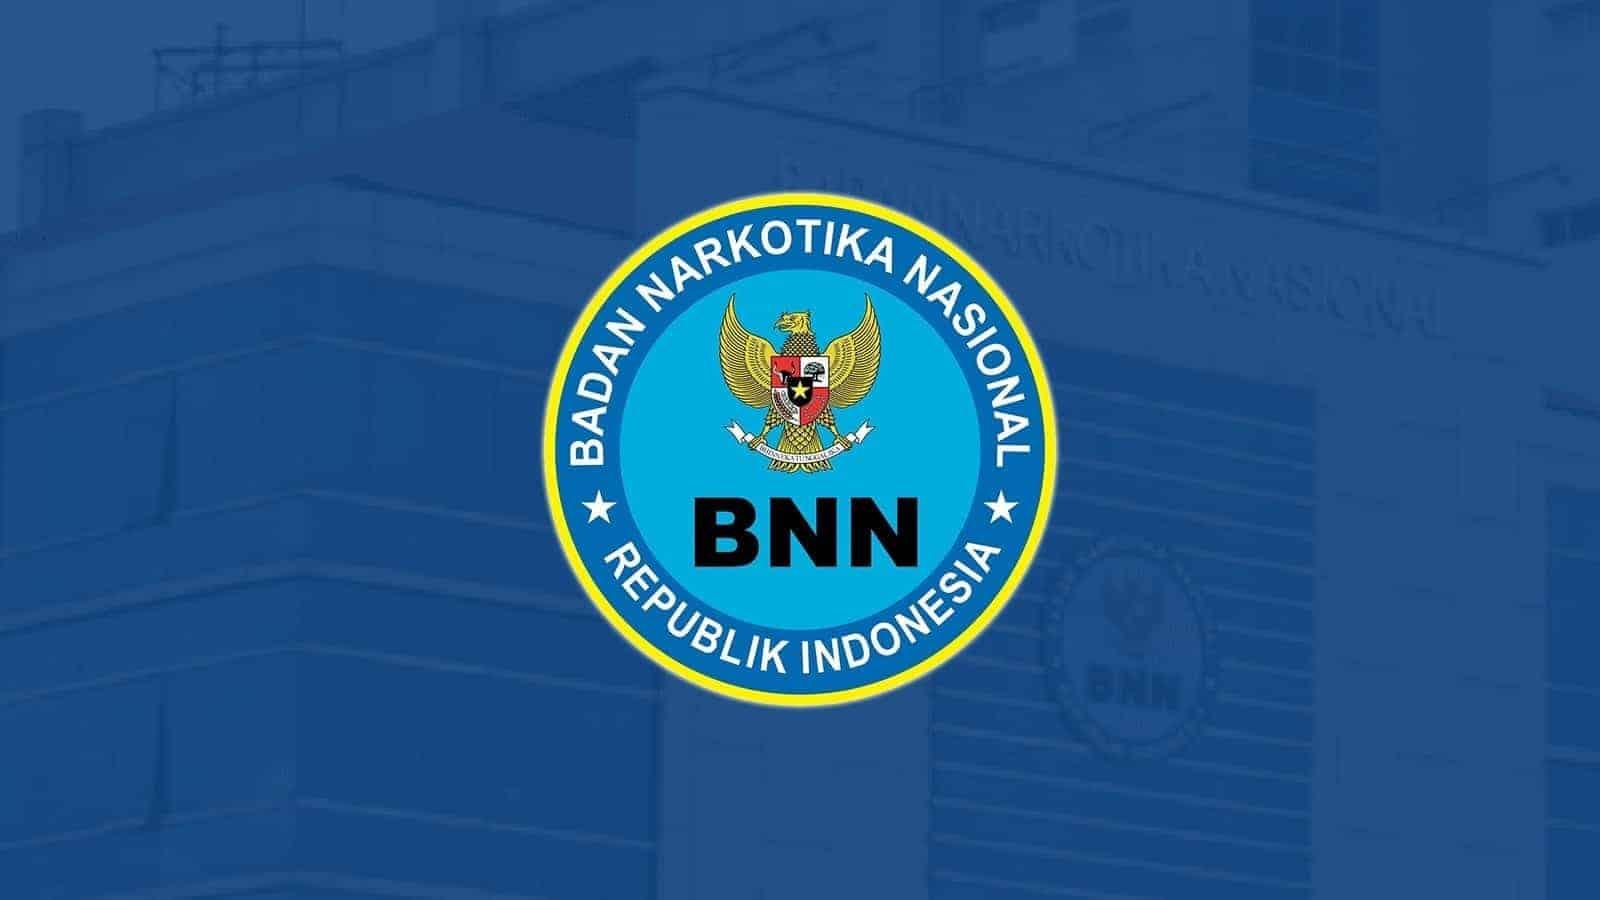 Perwira Bintang 2 Rebutan Jadi Kepala BNN, Ternyata Sebabnya...